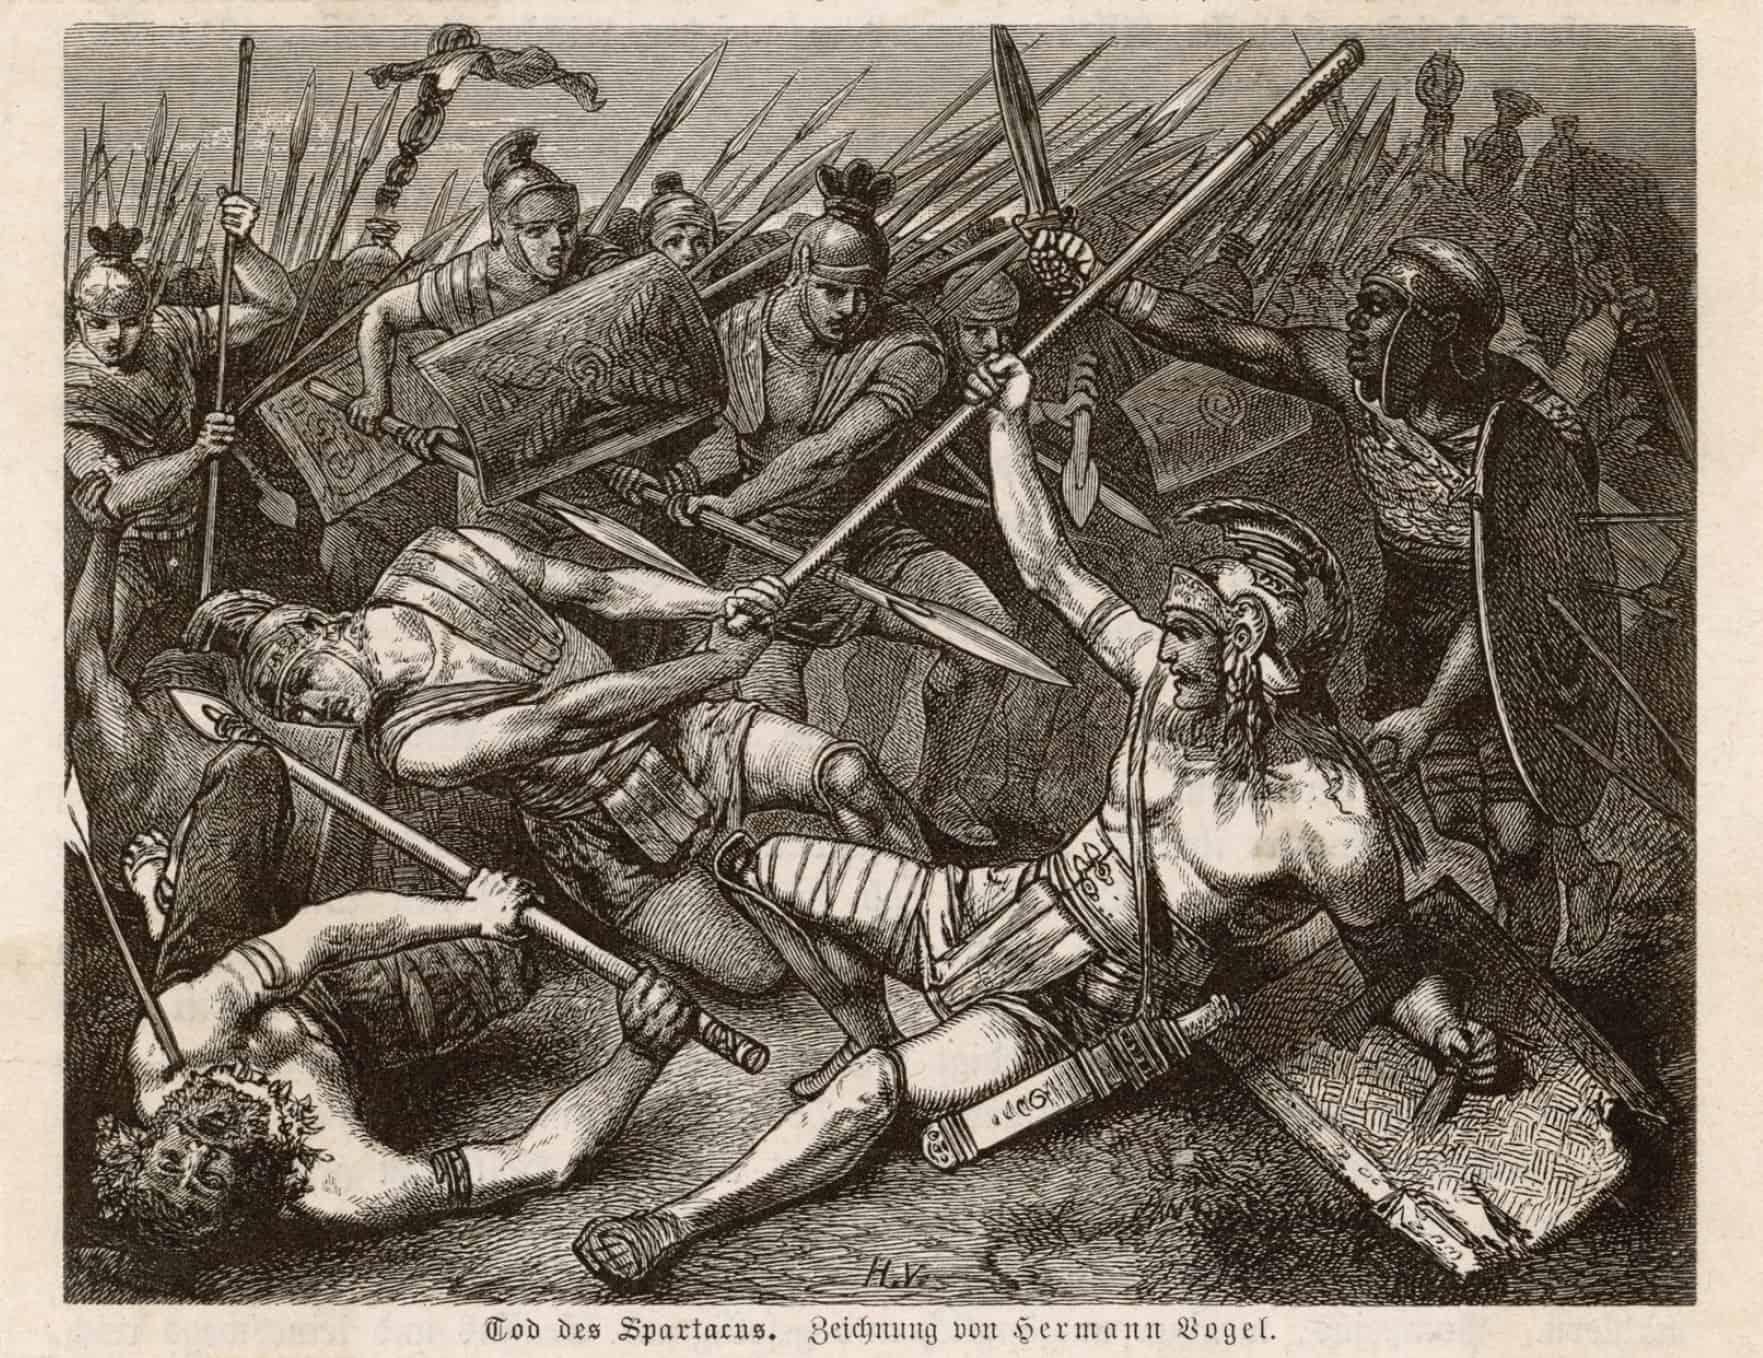 Spartakus śmierć